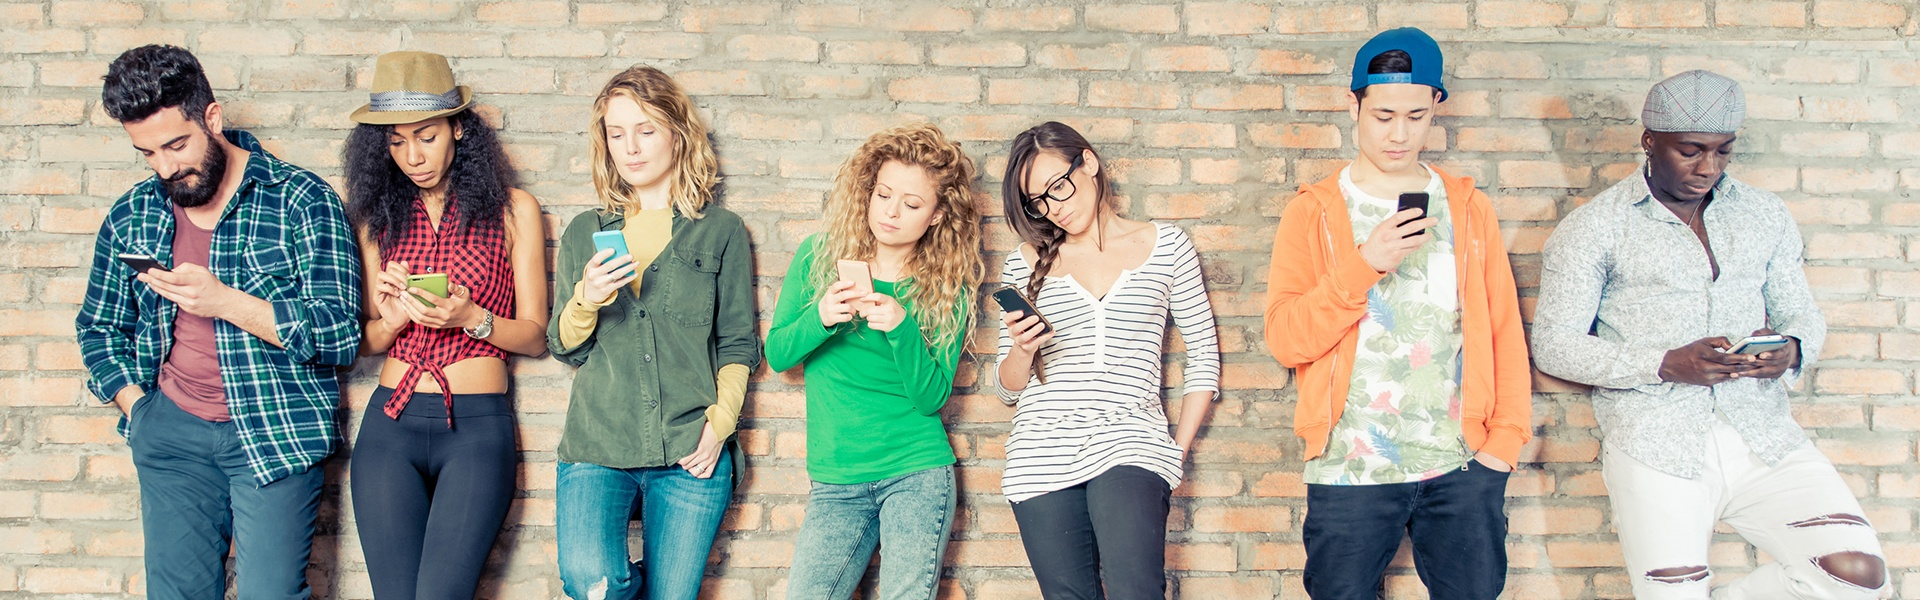 Schnuppere online in deinen künftigen Lehrbetrieb!